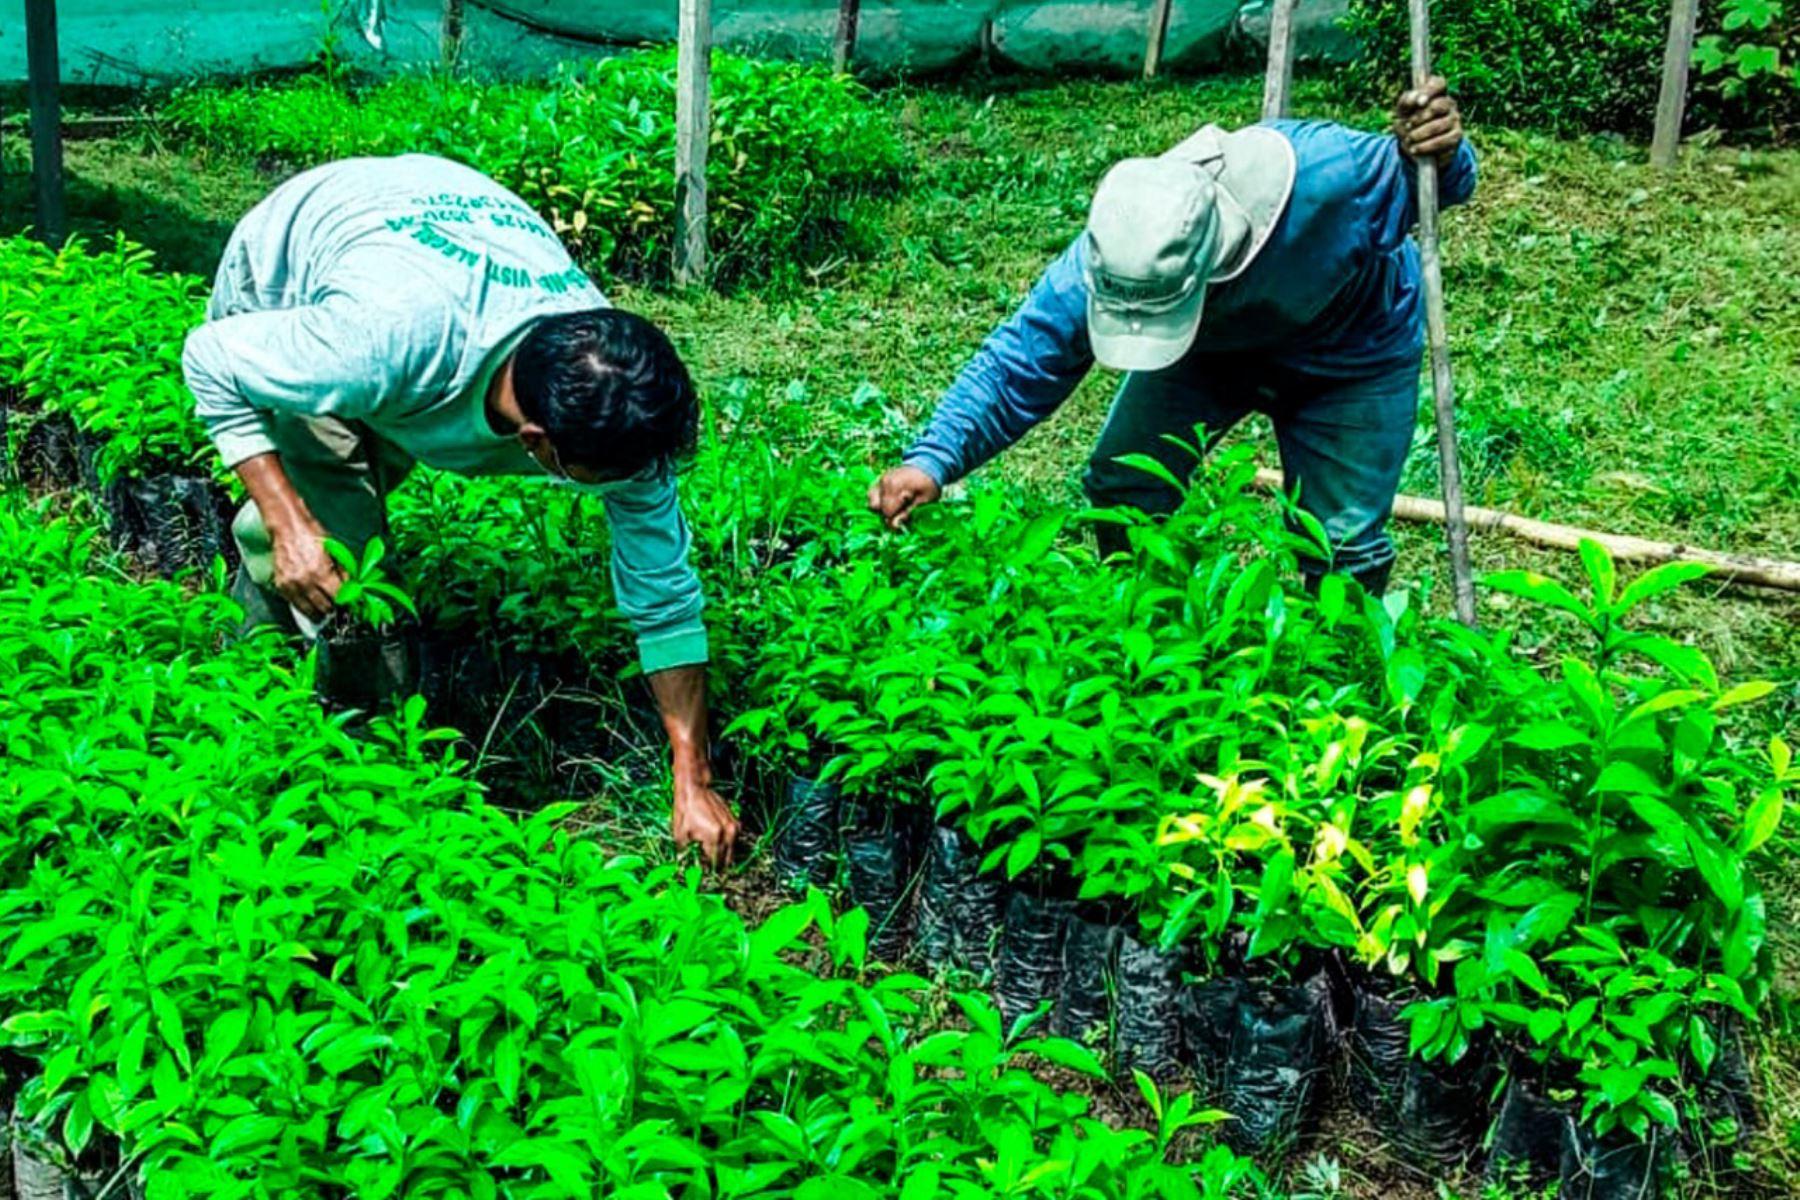 devida-y-municipio-emprende-proyecto-de-recuperacion-de-suelos-degradados-en-huanuco